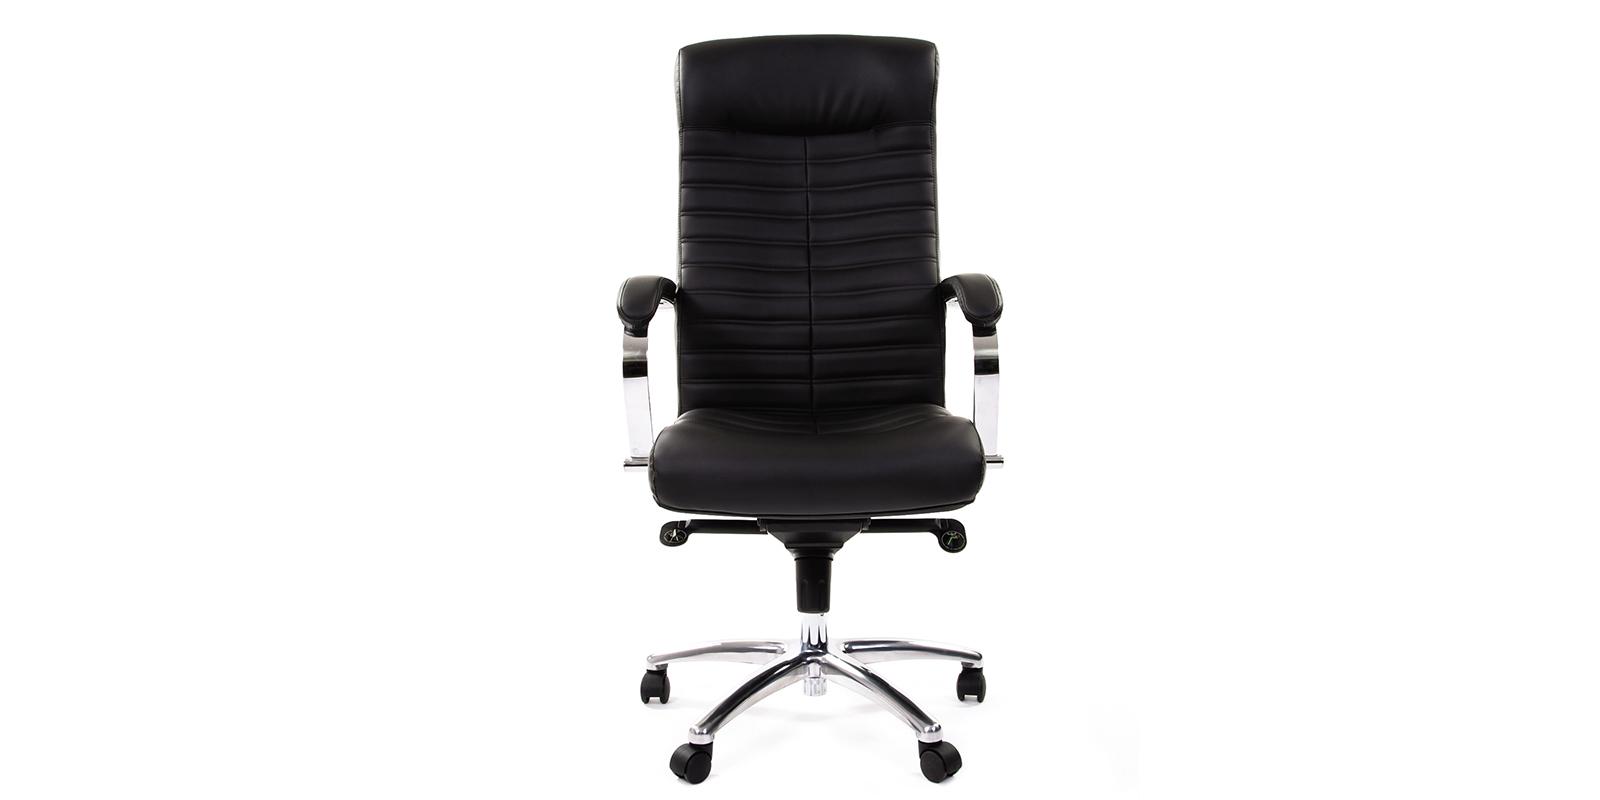 Кресло для руководителя Chairman 480 вариант №1 (черный) от HomeMe.ru